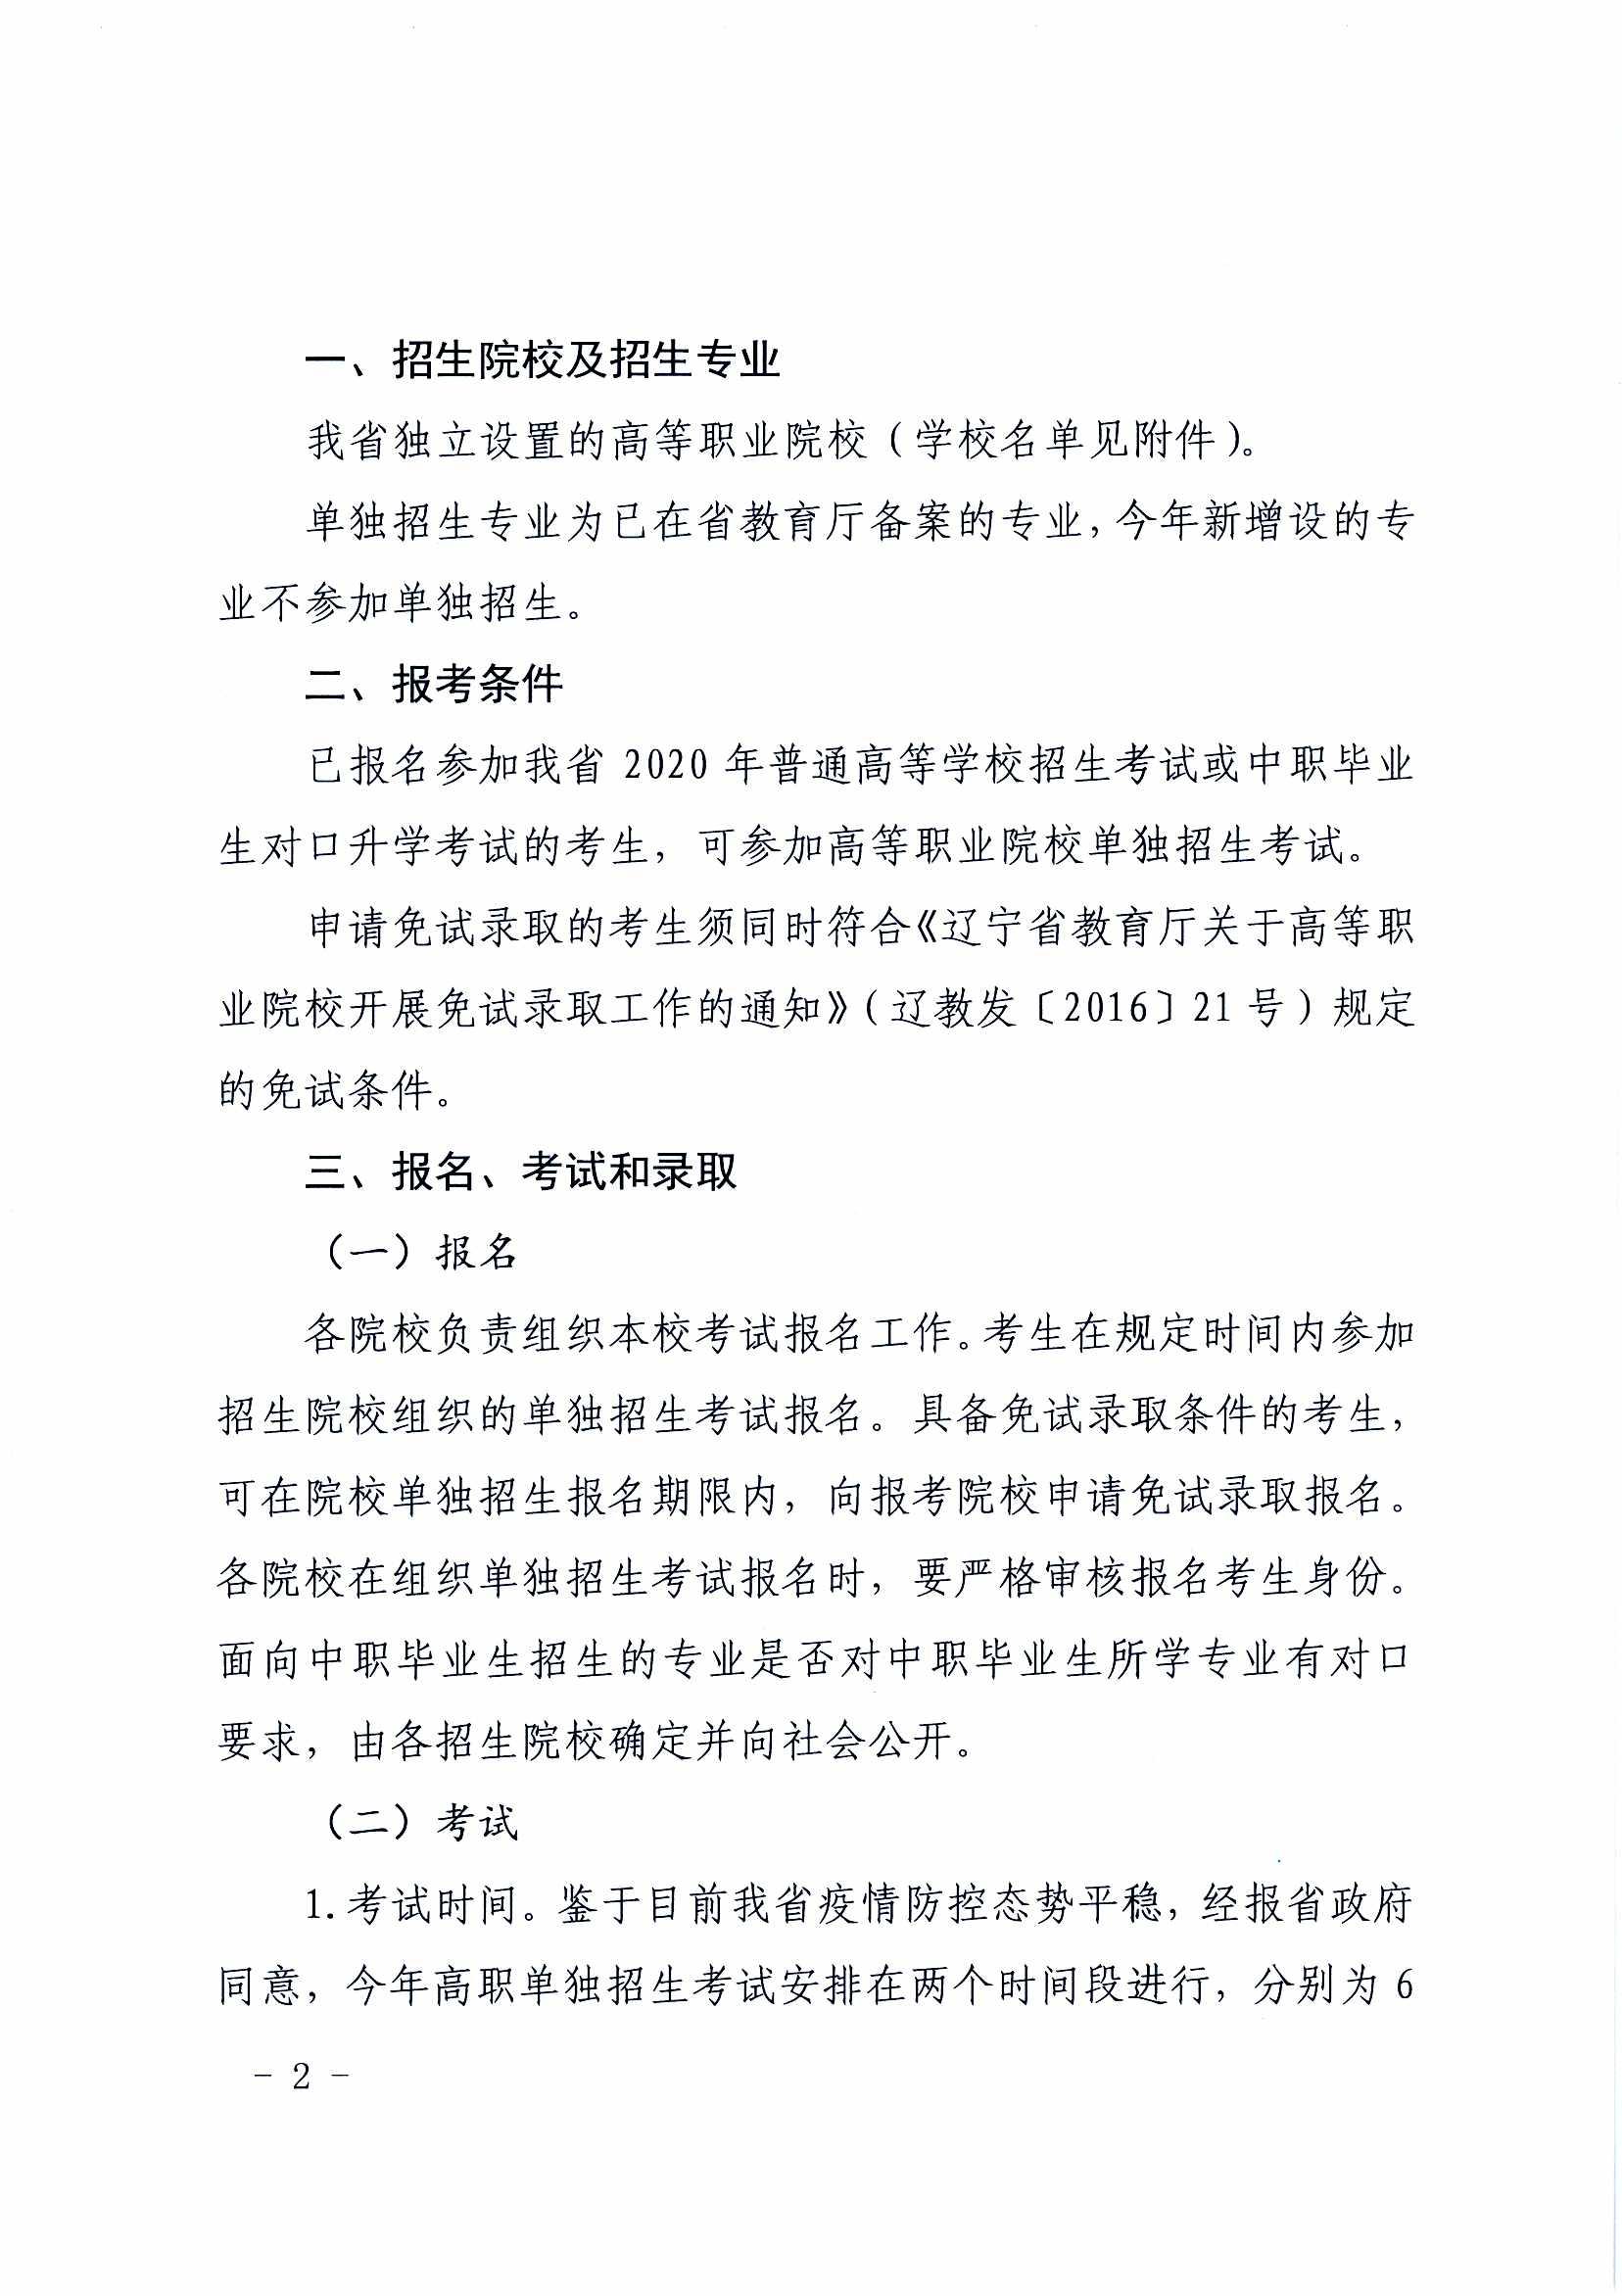 辽宁省教育厅关于开展2020年高等职业院校单独考试招生工作的......_页面_2